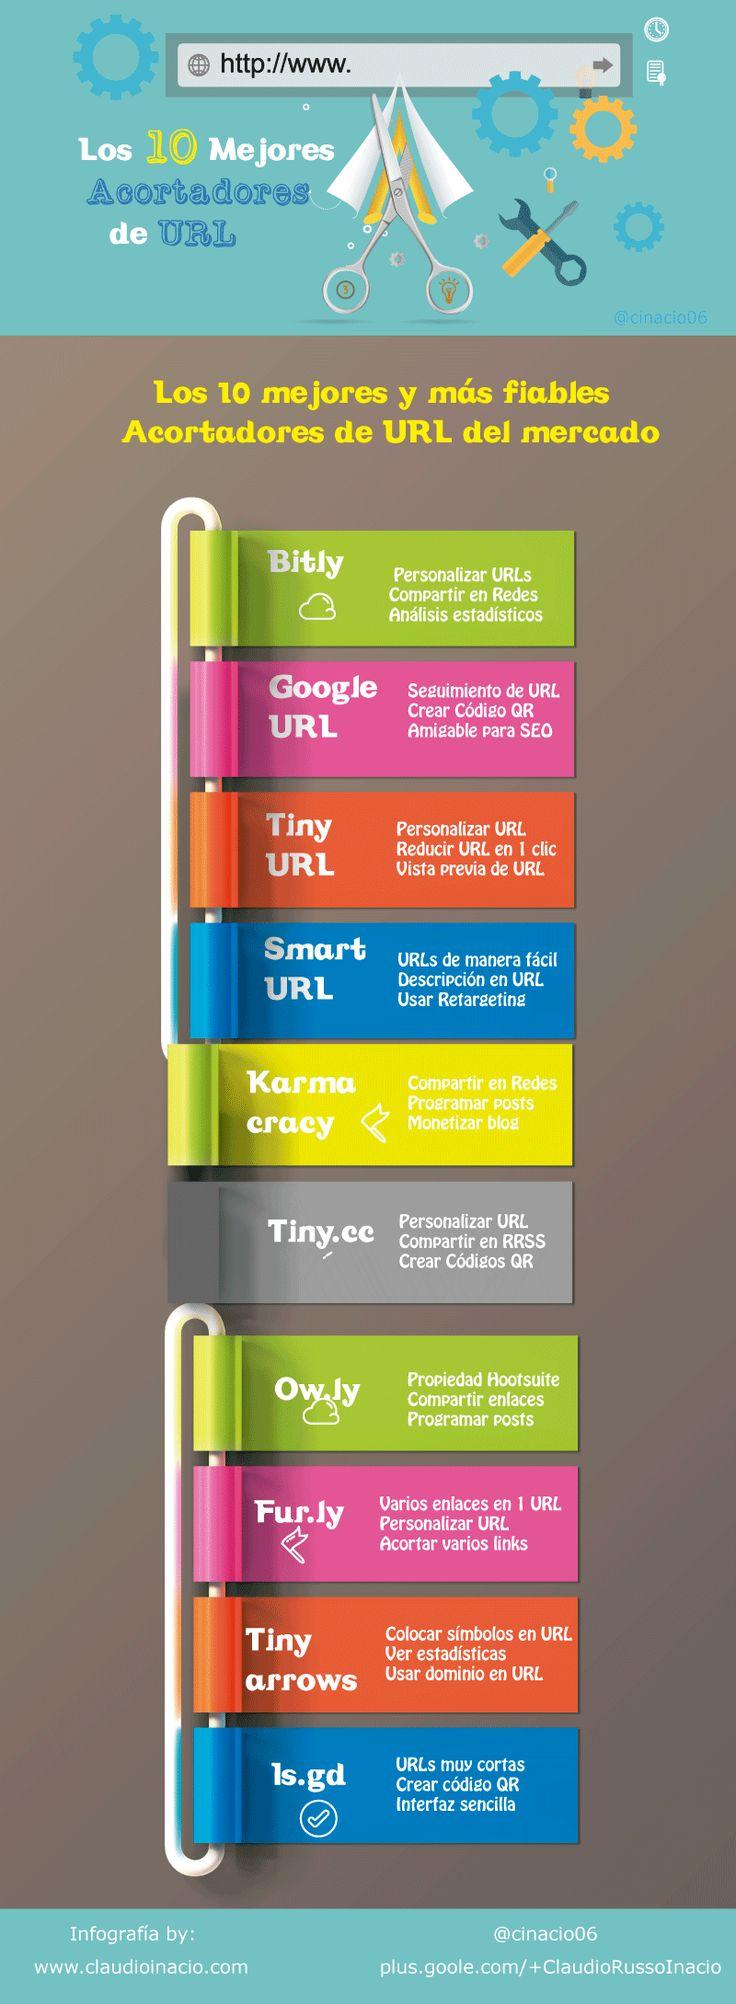 10 mejores acortadores de URL del mercado #infografia